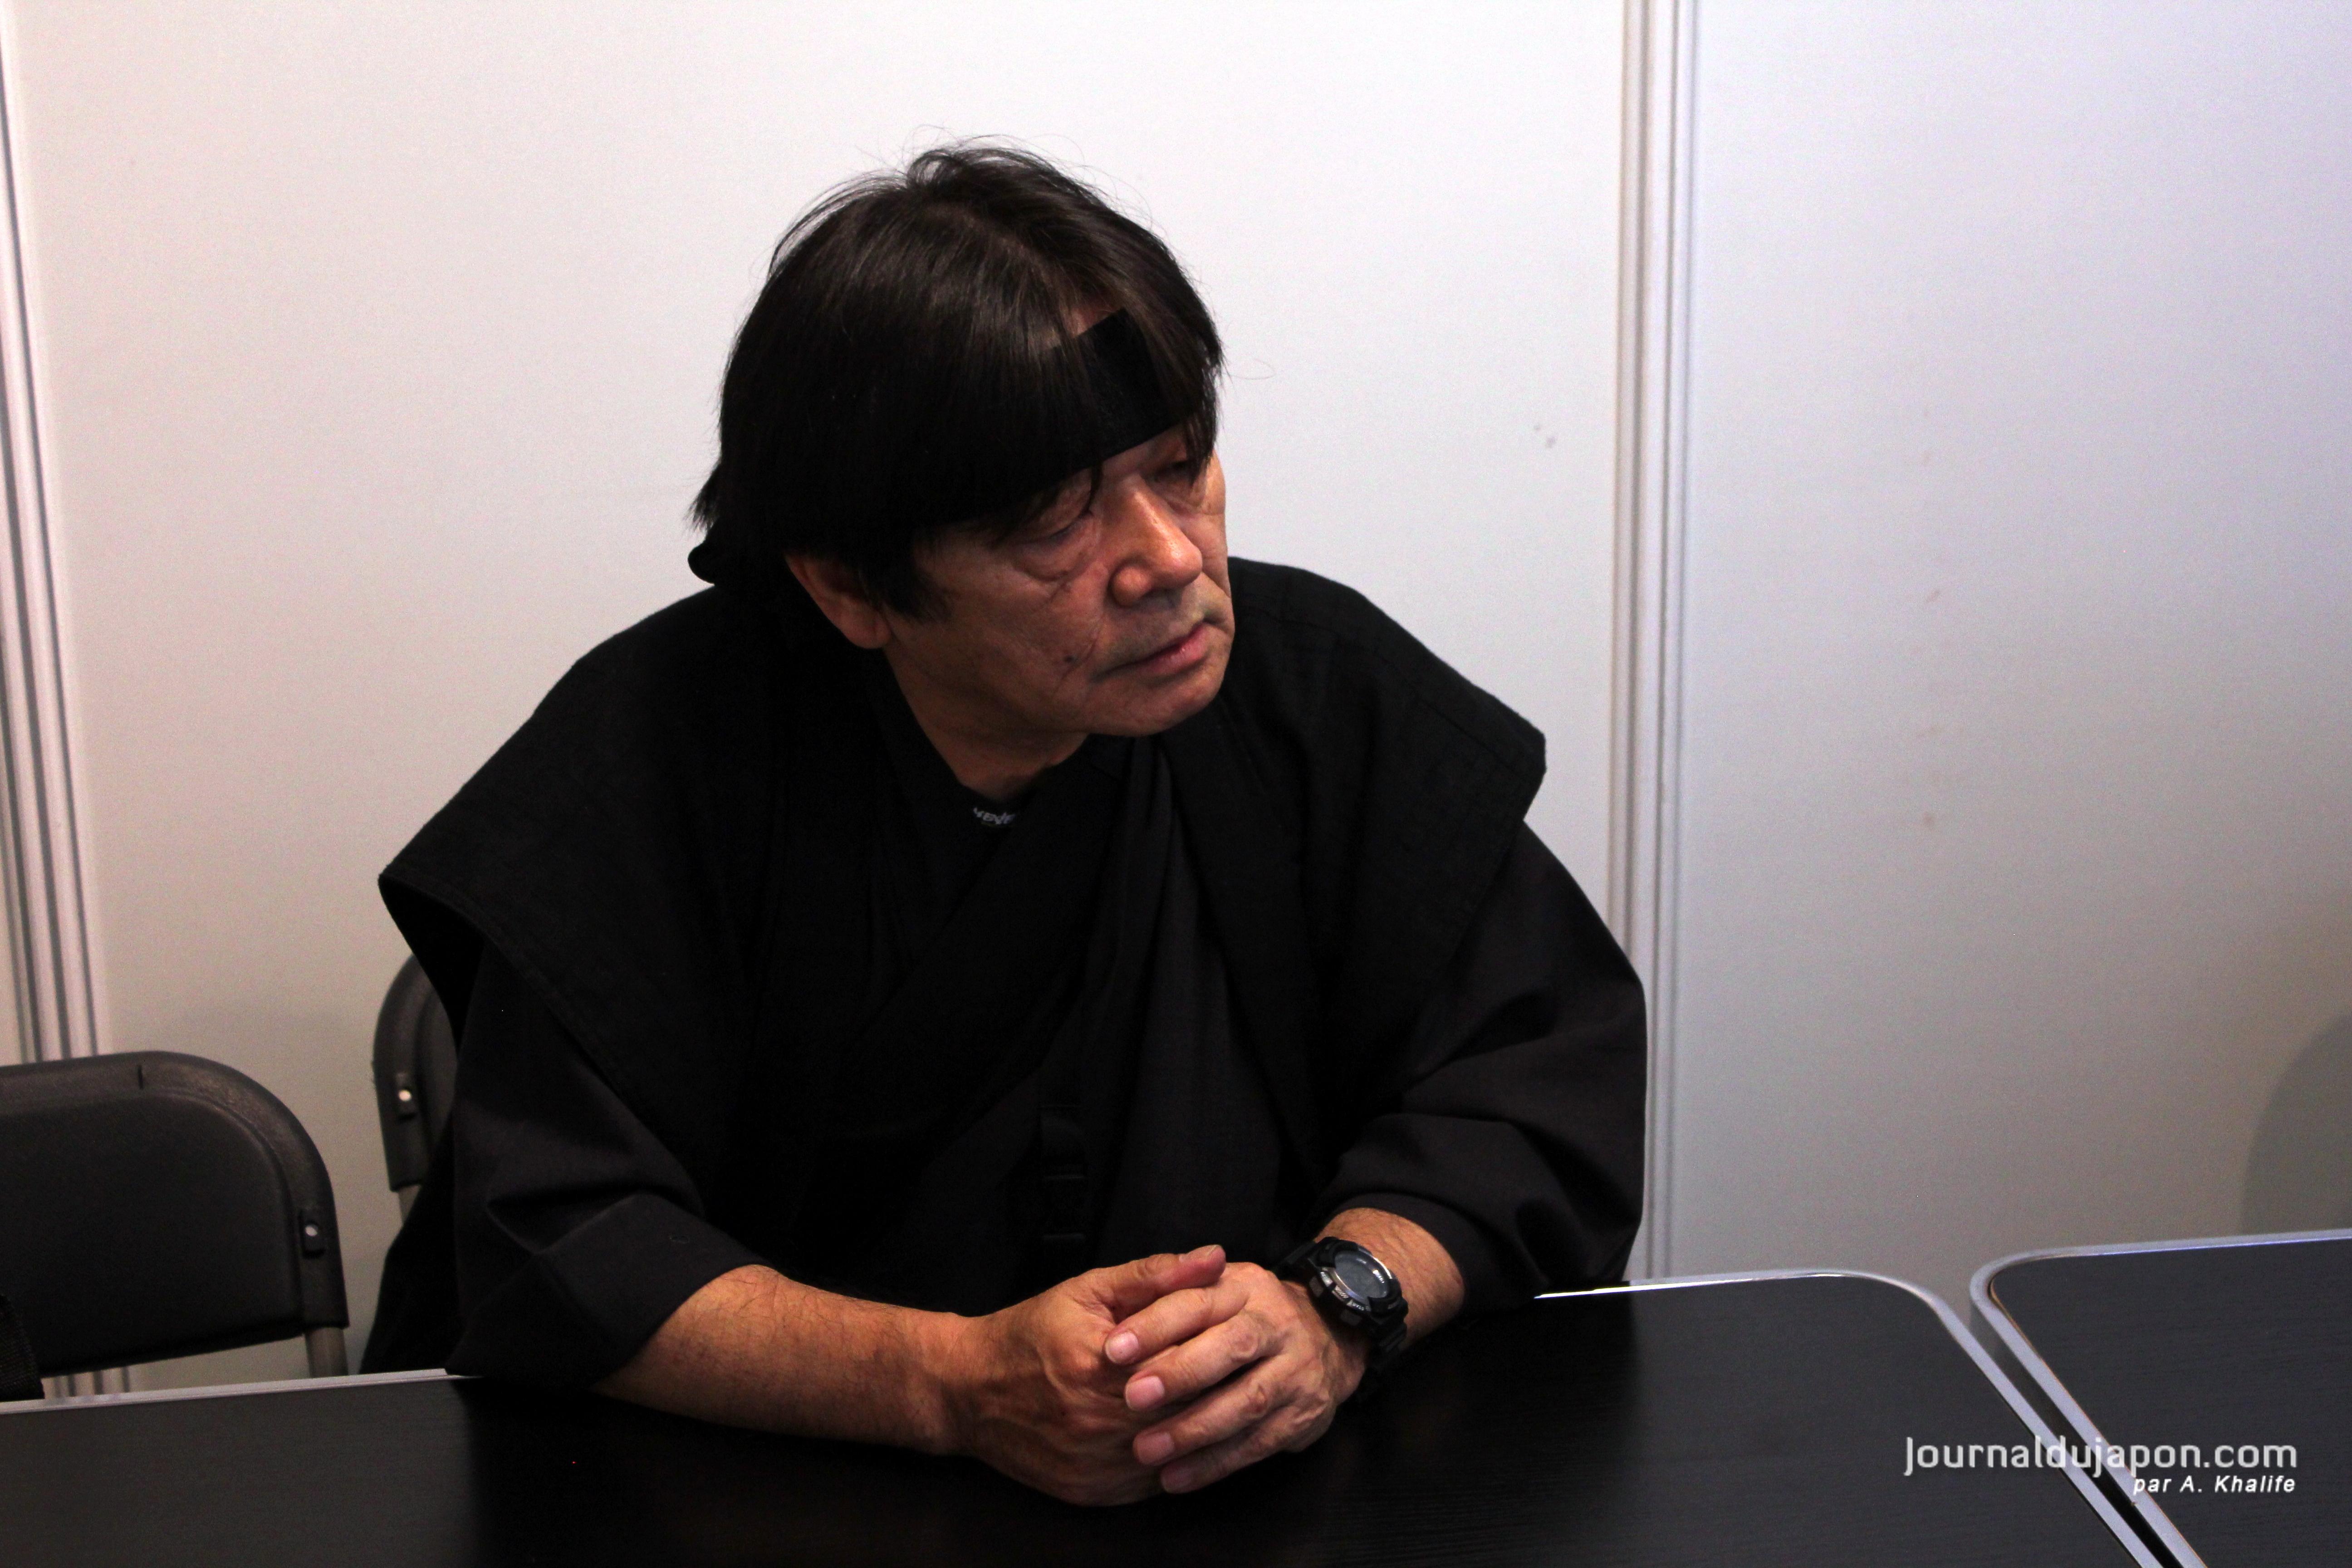 Rencontre avec japonaise france